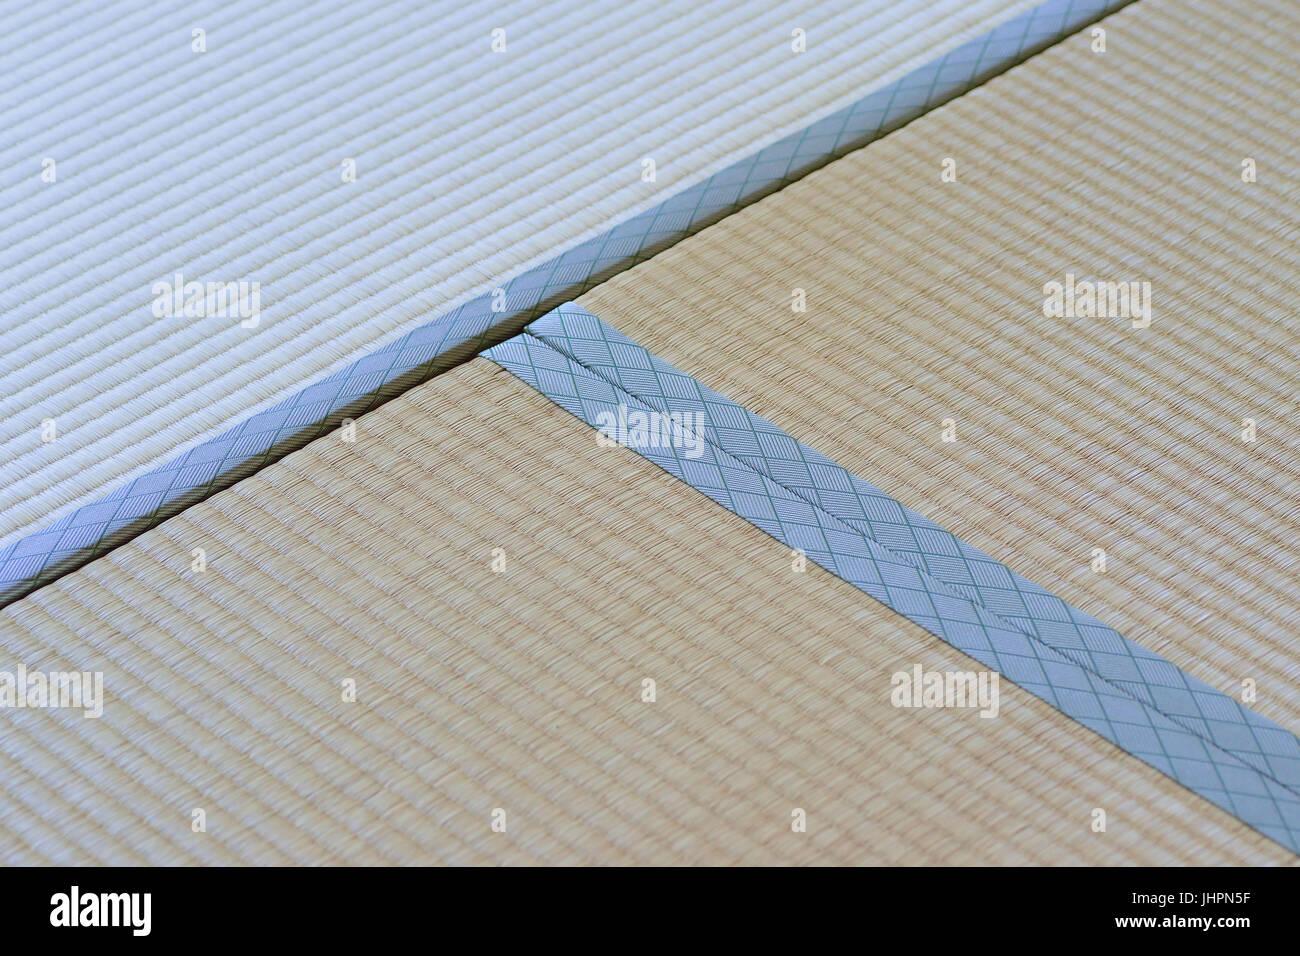 Japanische Bodenmatten makro details der traditionellen japanischen tatami bodenmatten in